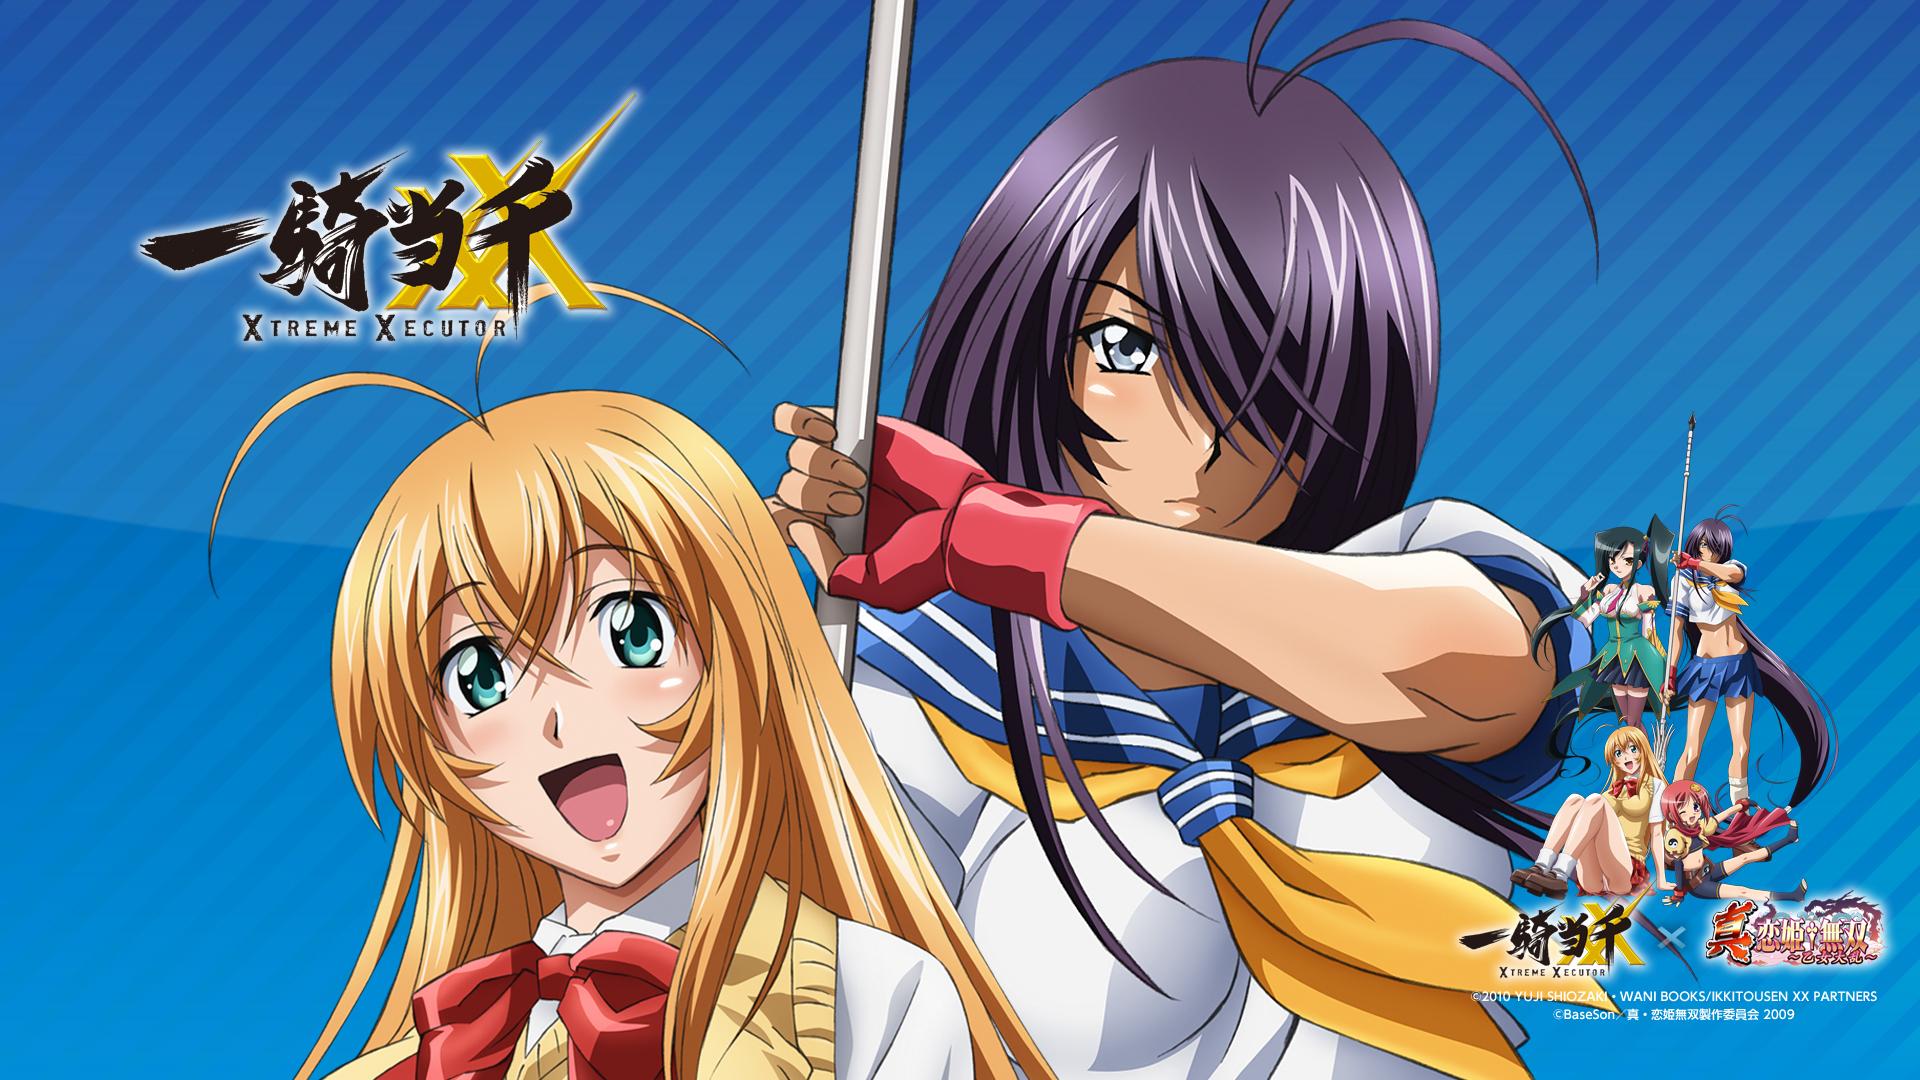 Ikkitousen Anime Wallpaper Site 1920x1080